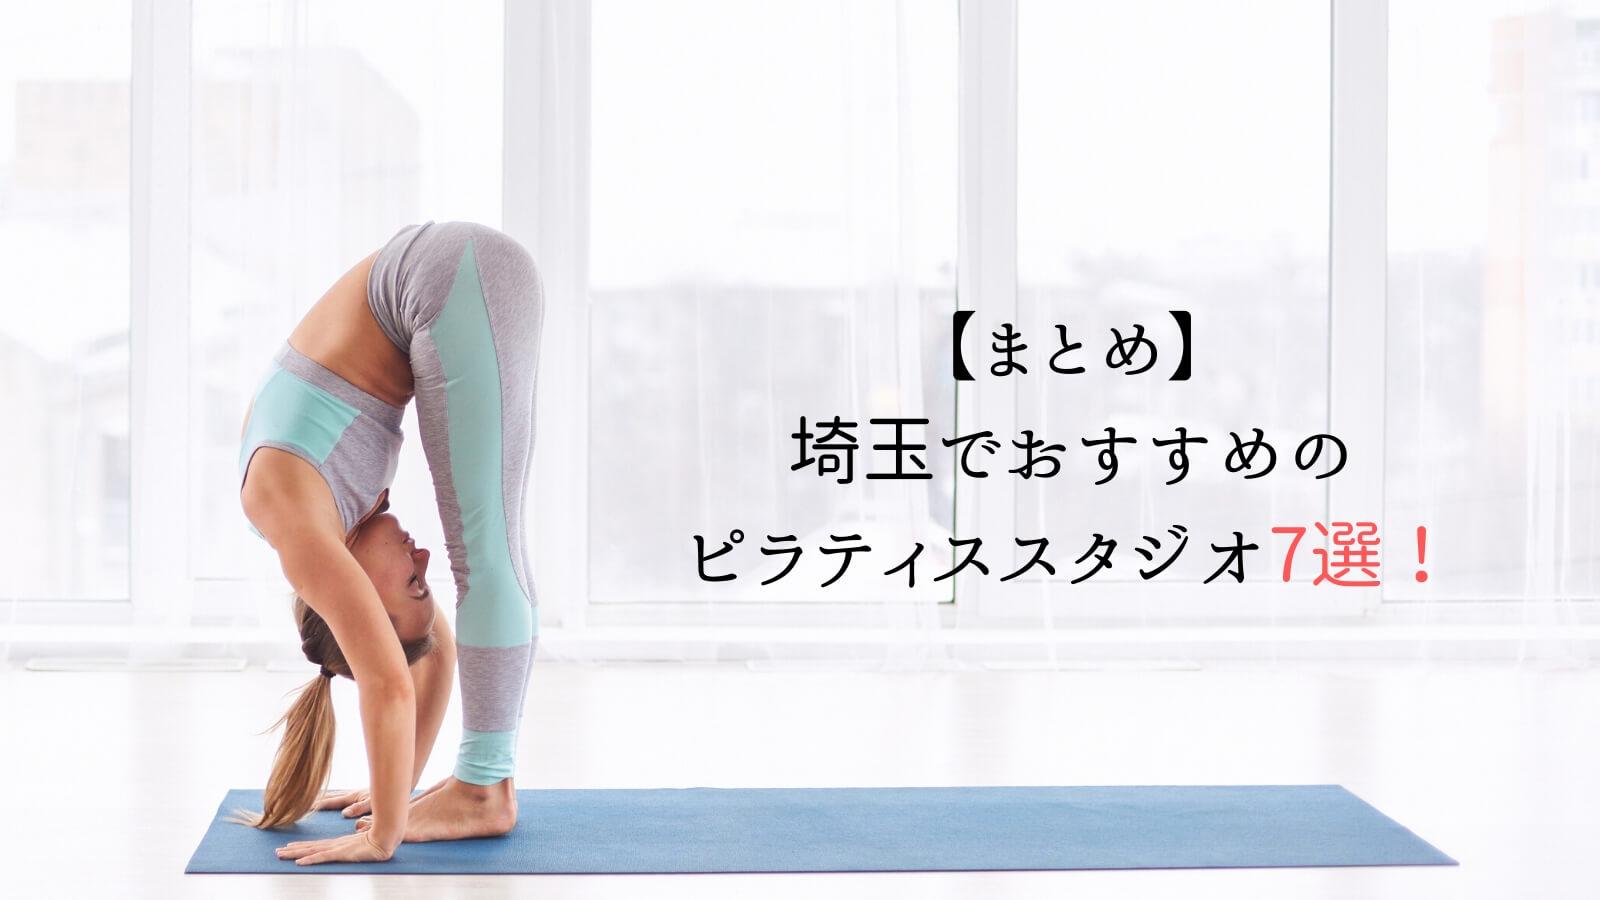 【まとめ】埼玉でおすすめのピラティススタジオ7選